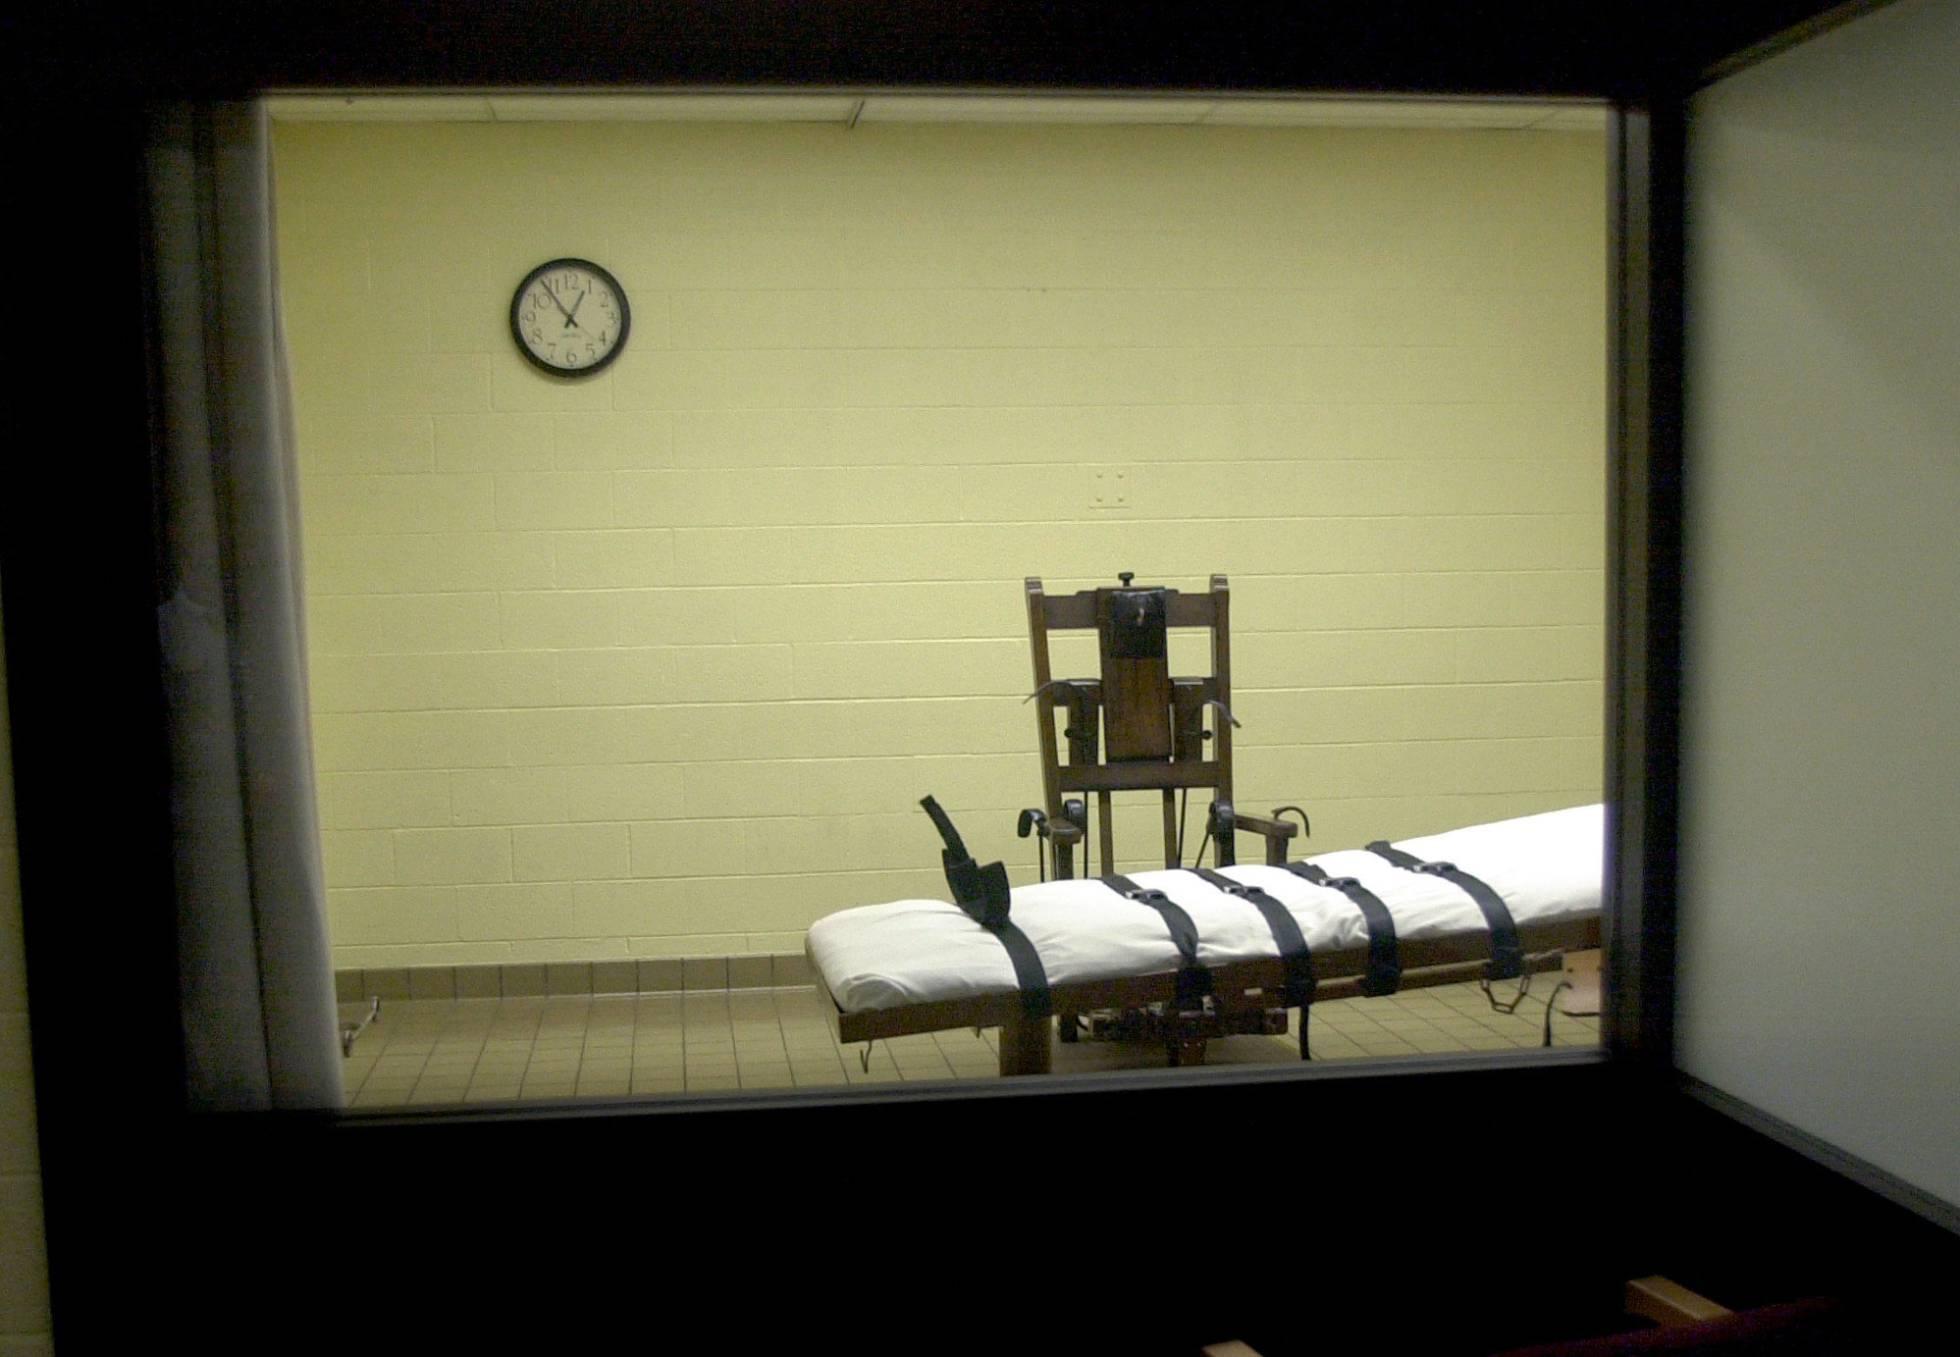 La justicia declara inconstitucional la pena de muerte en el Estado de Washington